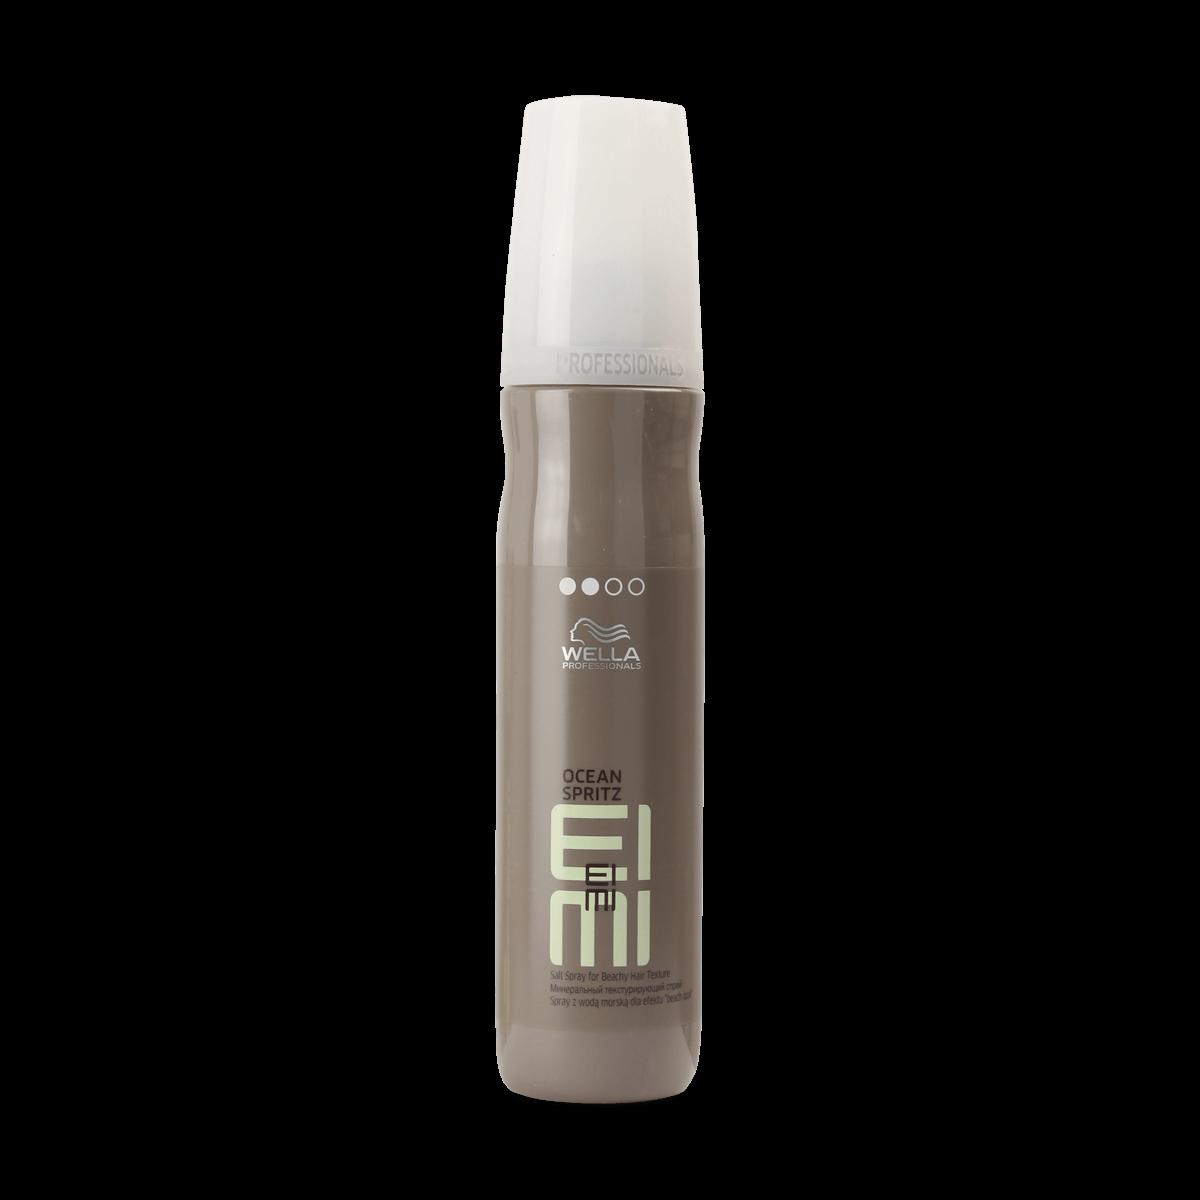 Buy Wella Eimi Ocean Spritz Salt Spray 150ml Salon Wholesale